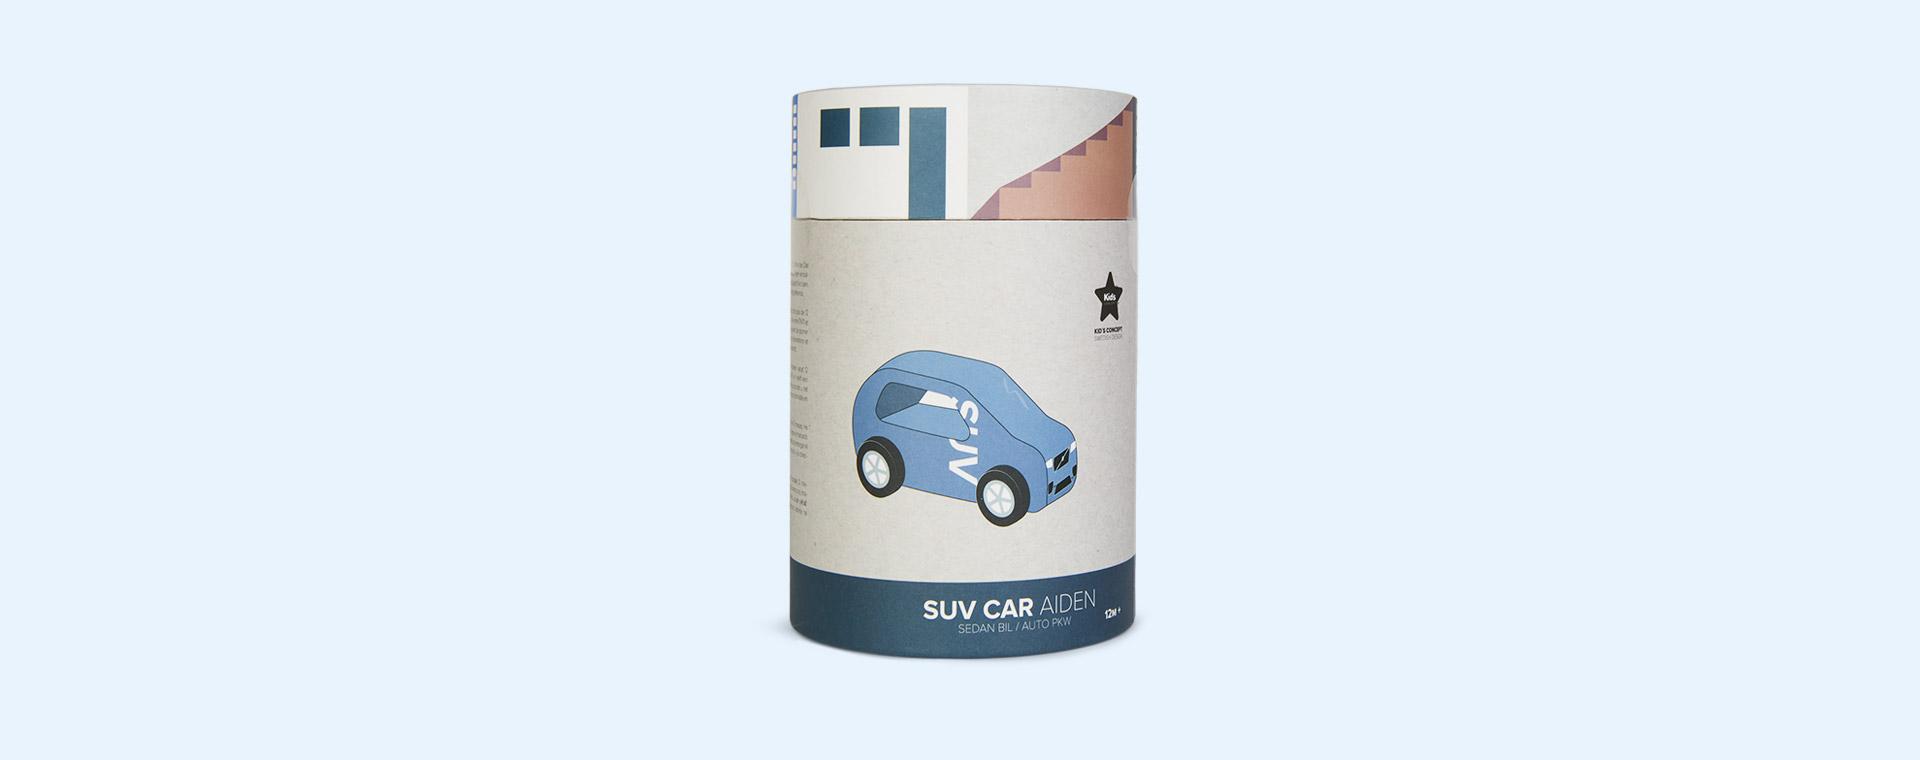 Grey Kid's Concept SUV Car